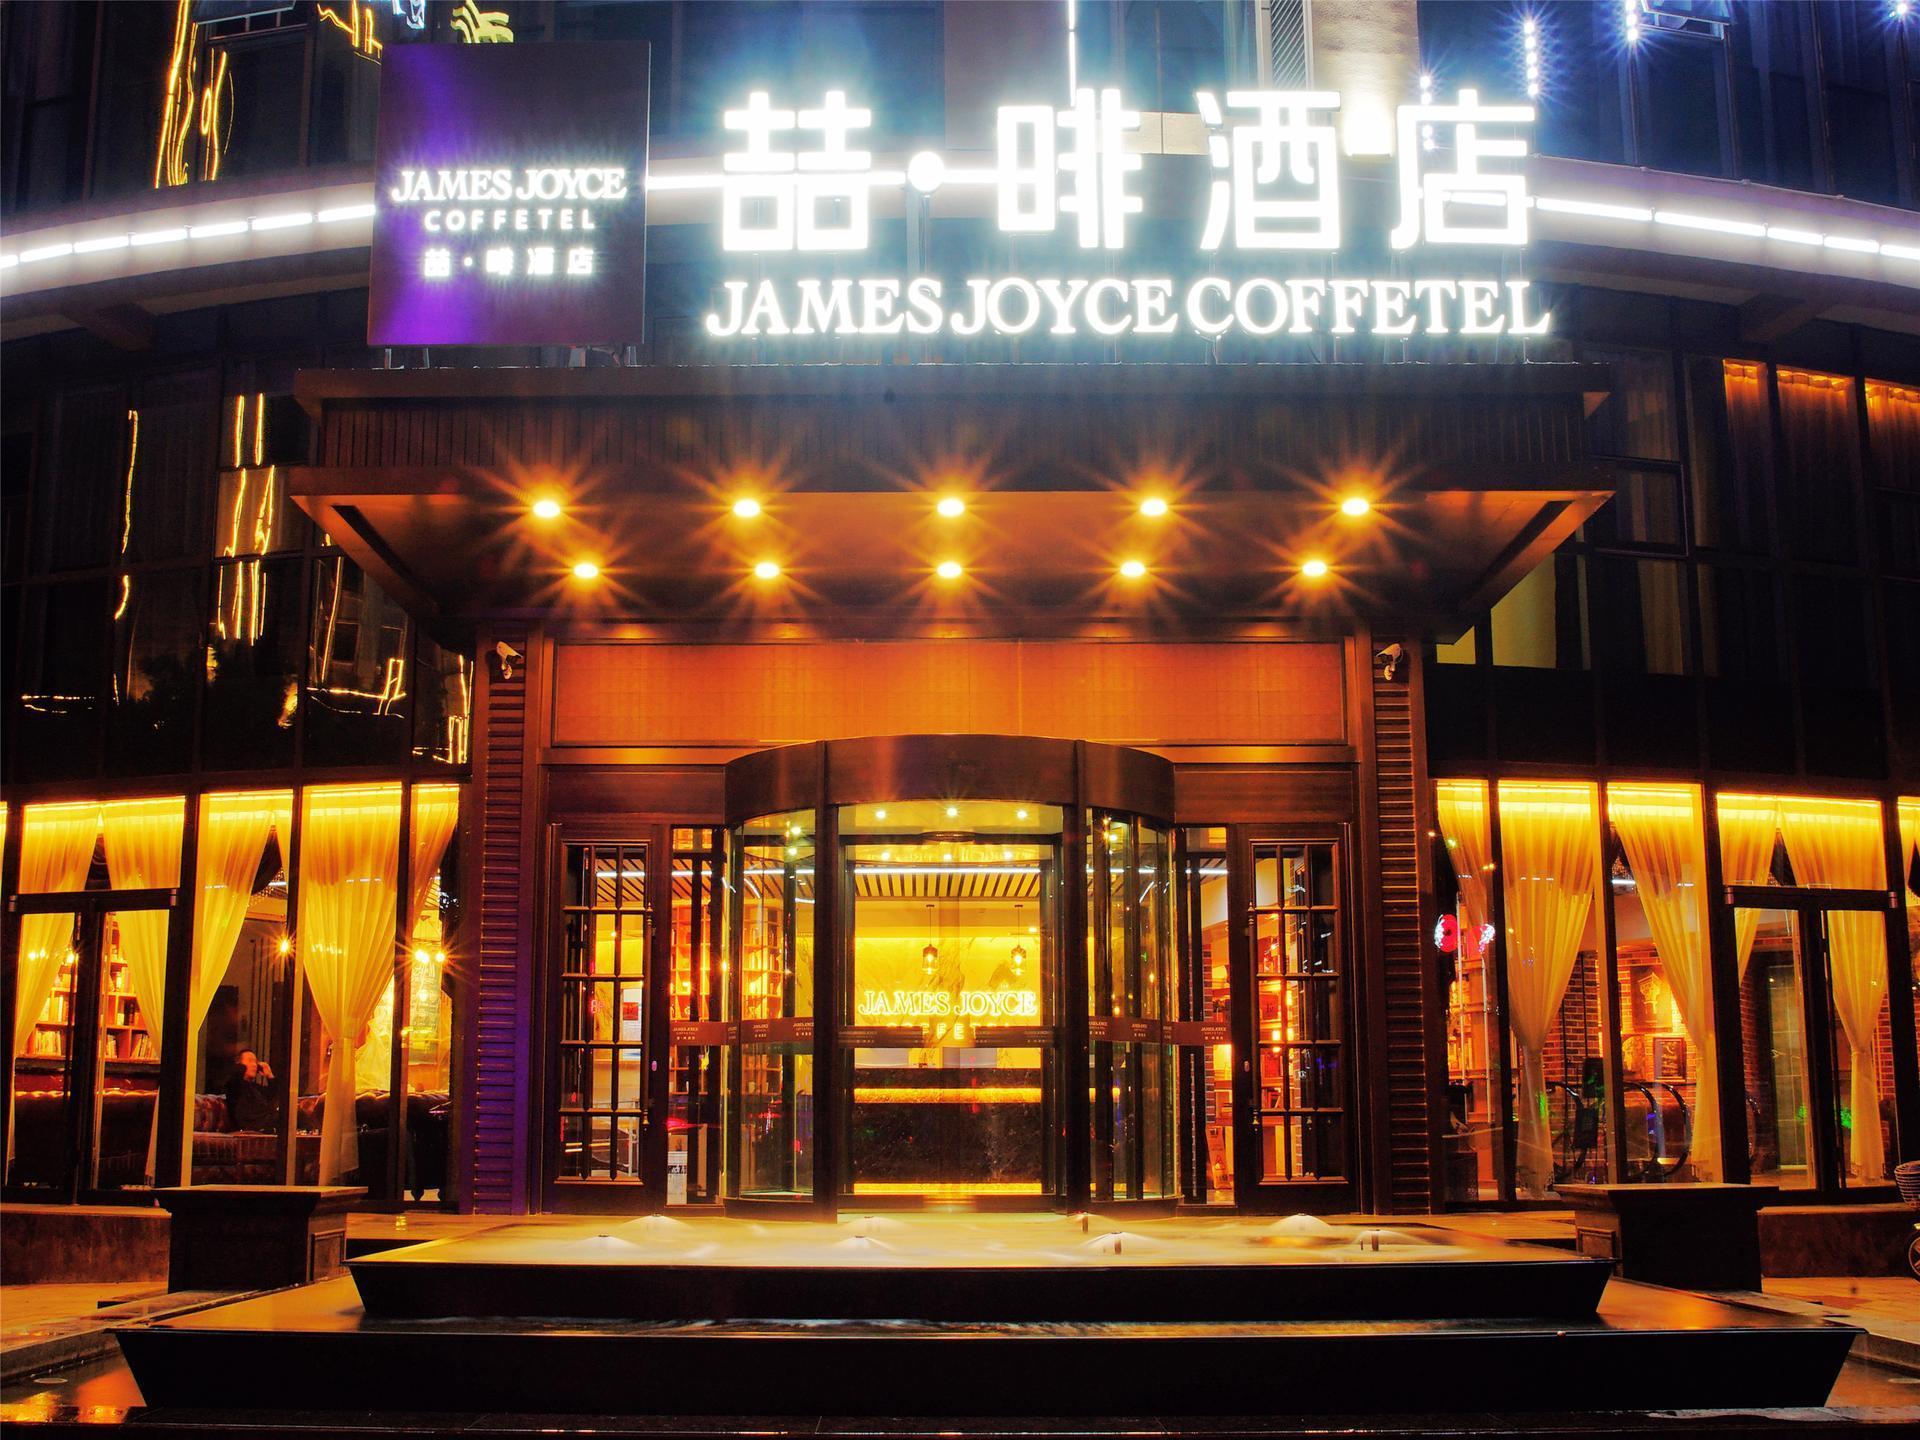 James Joyce Coffetel�Zhangjiakou Xiahuayuan